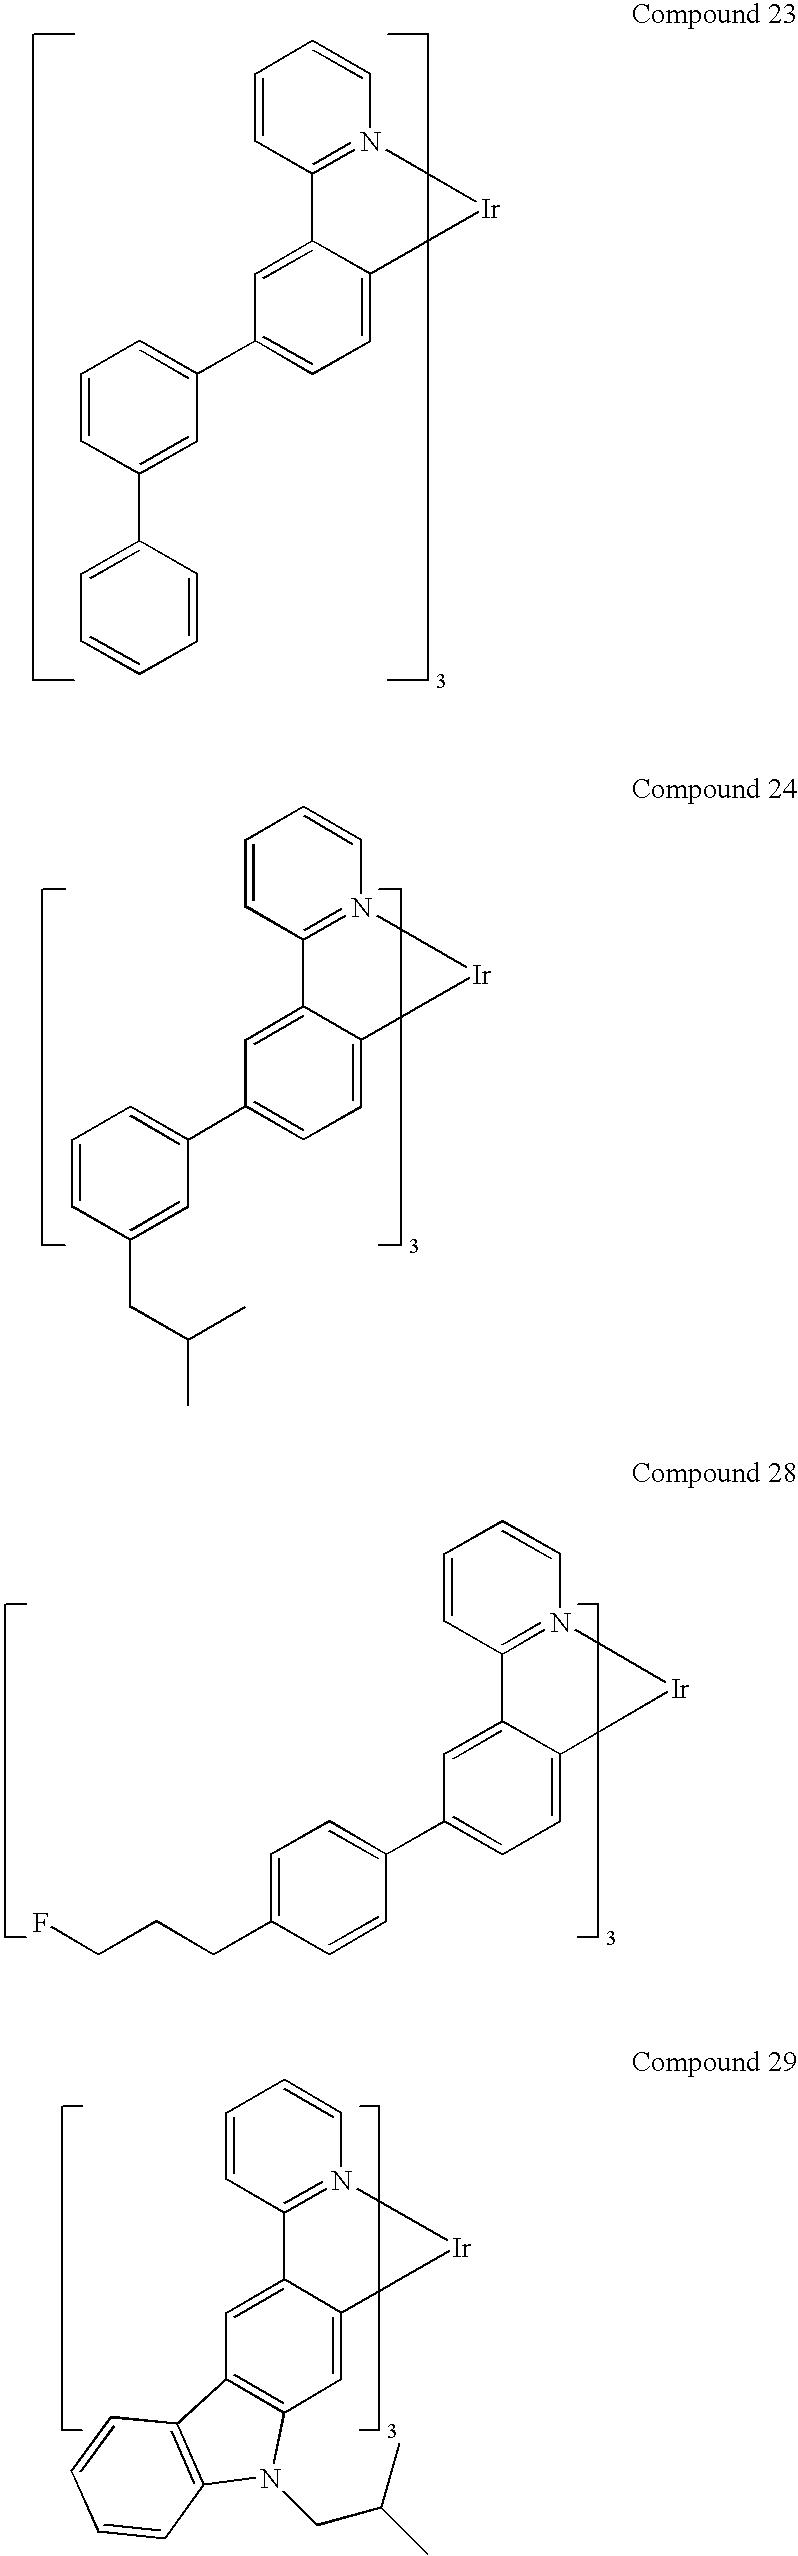 Figure US20090108737A1-20090430-C00010